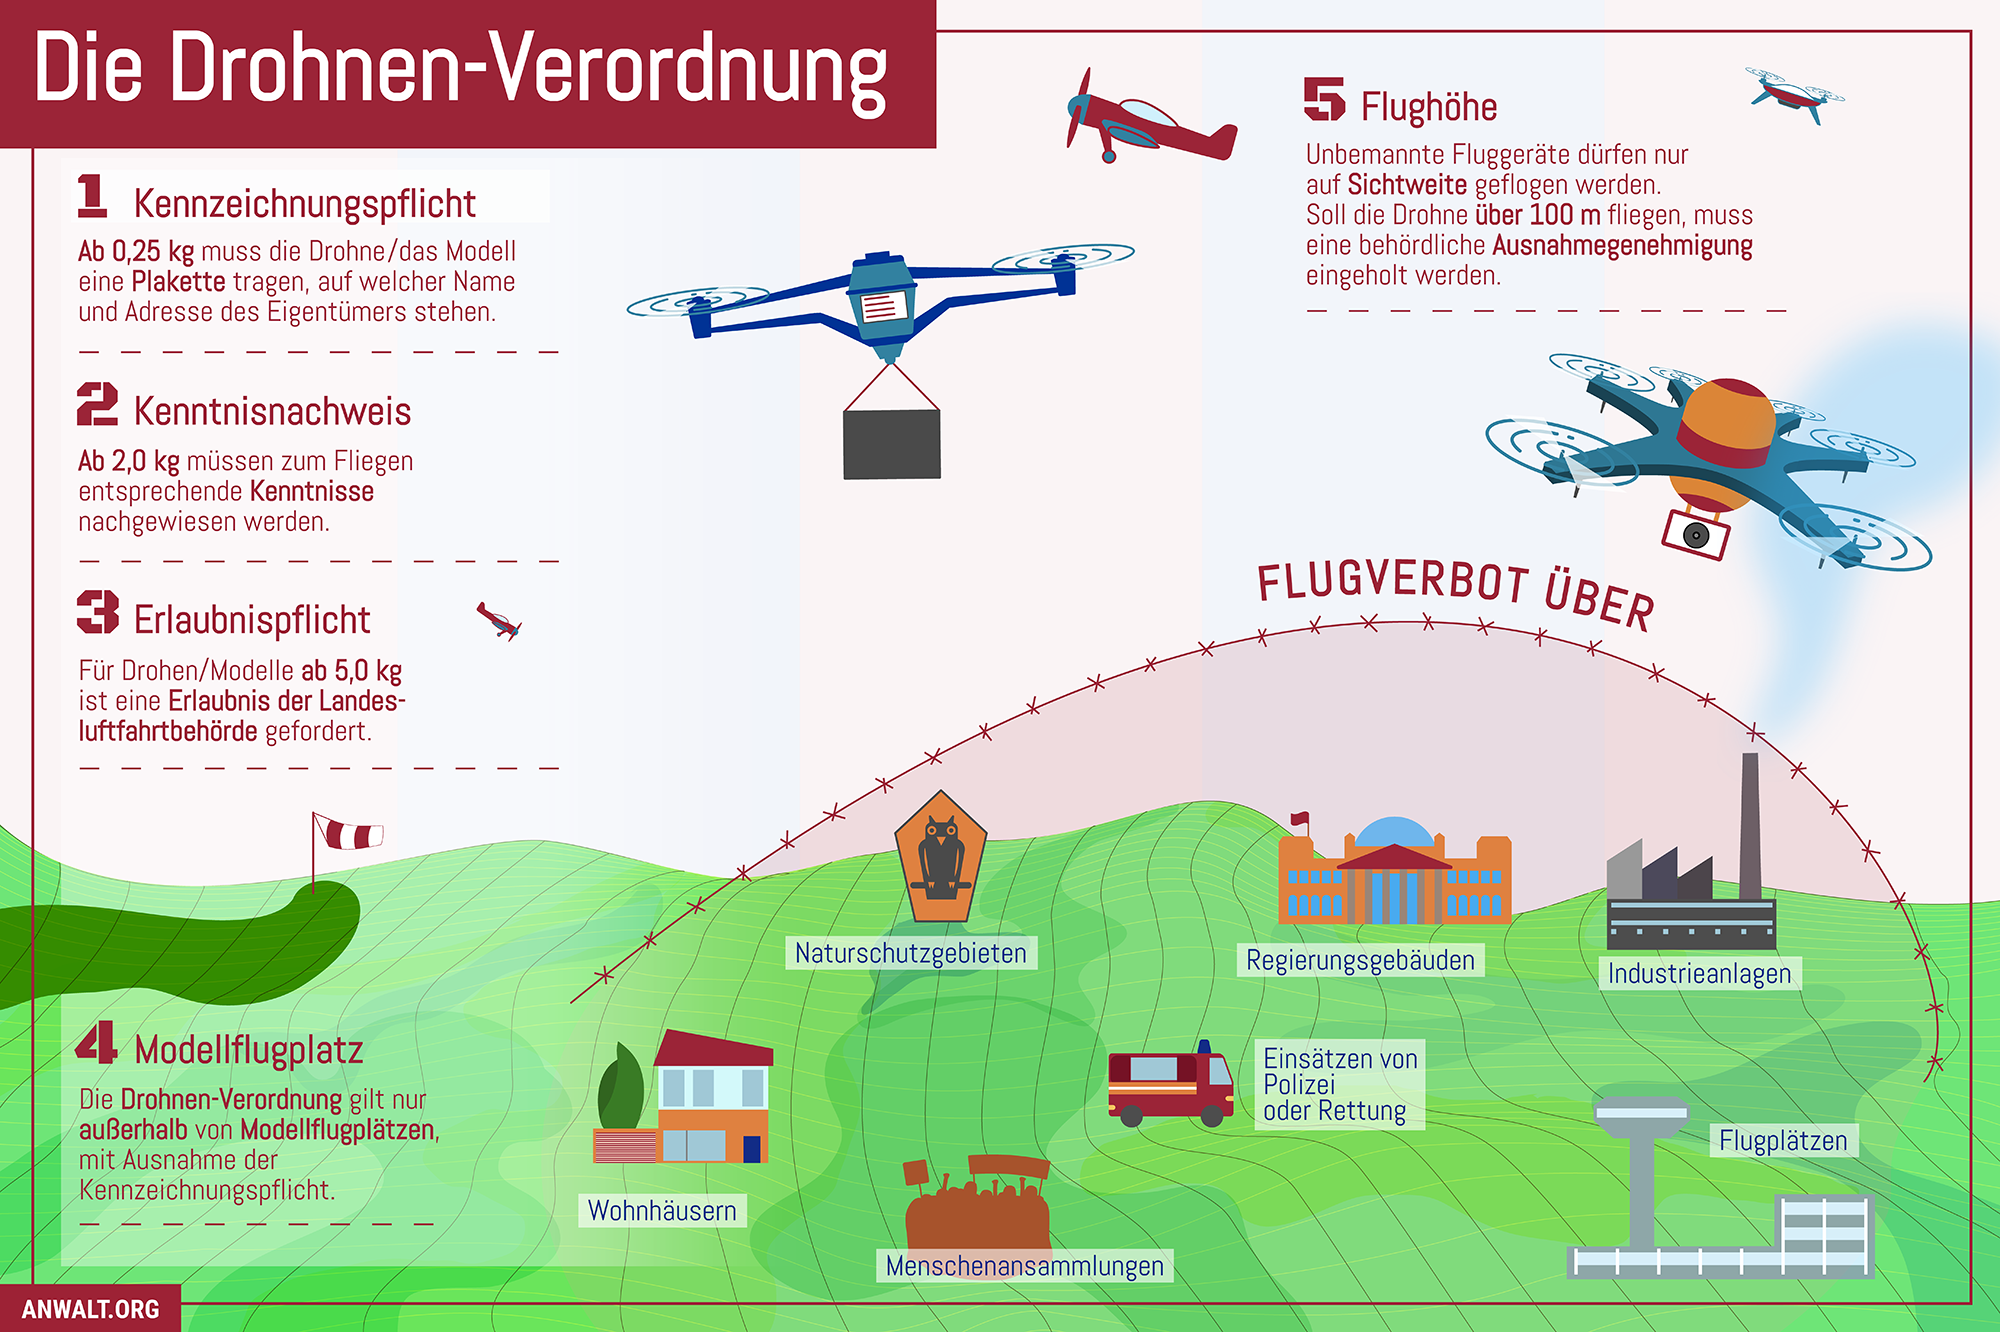 Infografik zur Drohnen-Verordnung. (Für größere Ansicht bitte auf das Bild klicken.)